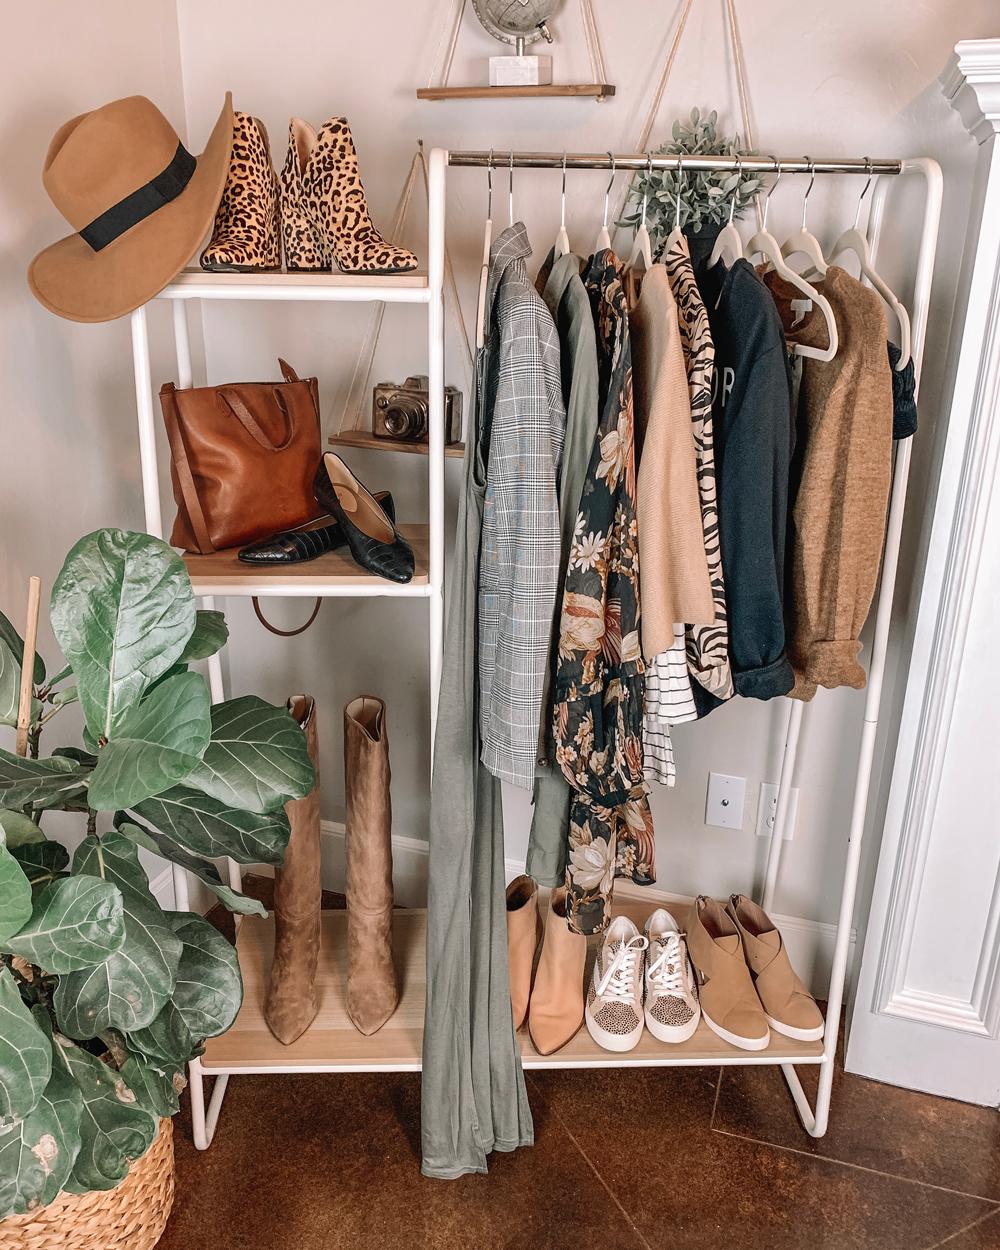 garment-rack.jpg